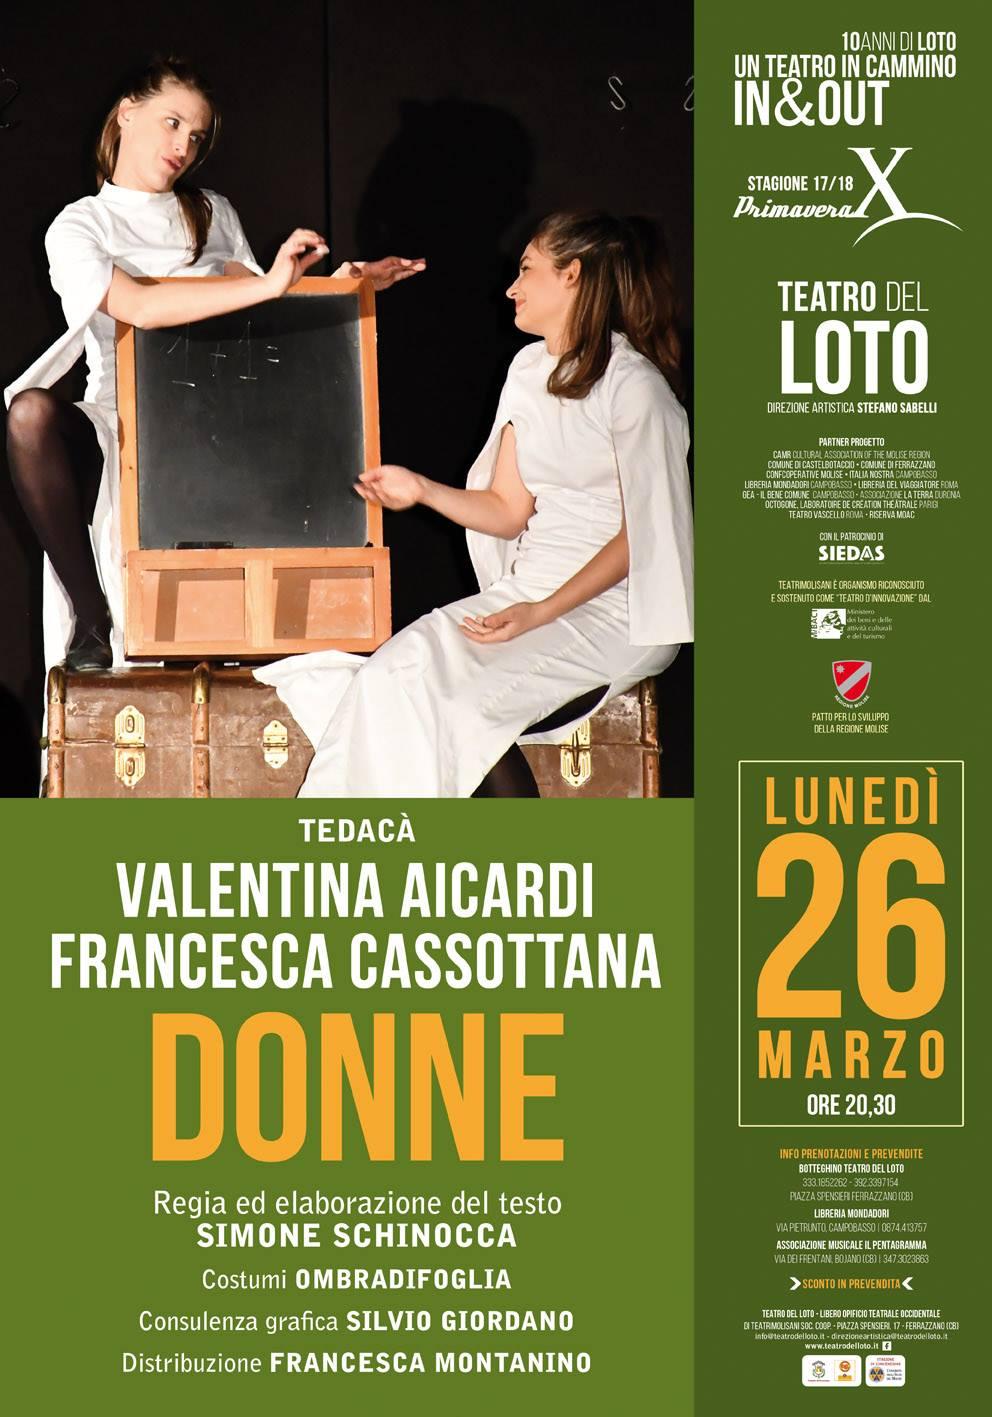 TEATRO – Al Loto in scena lo spettacolo 'Donne'